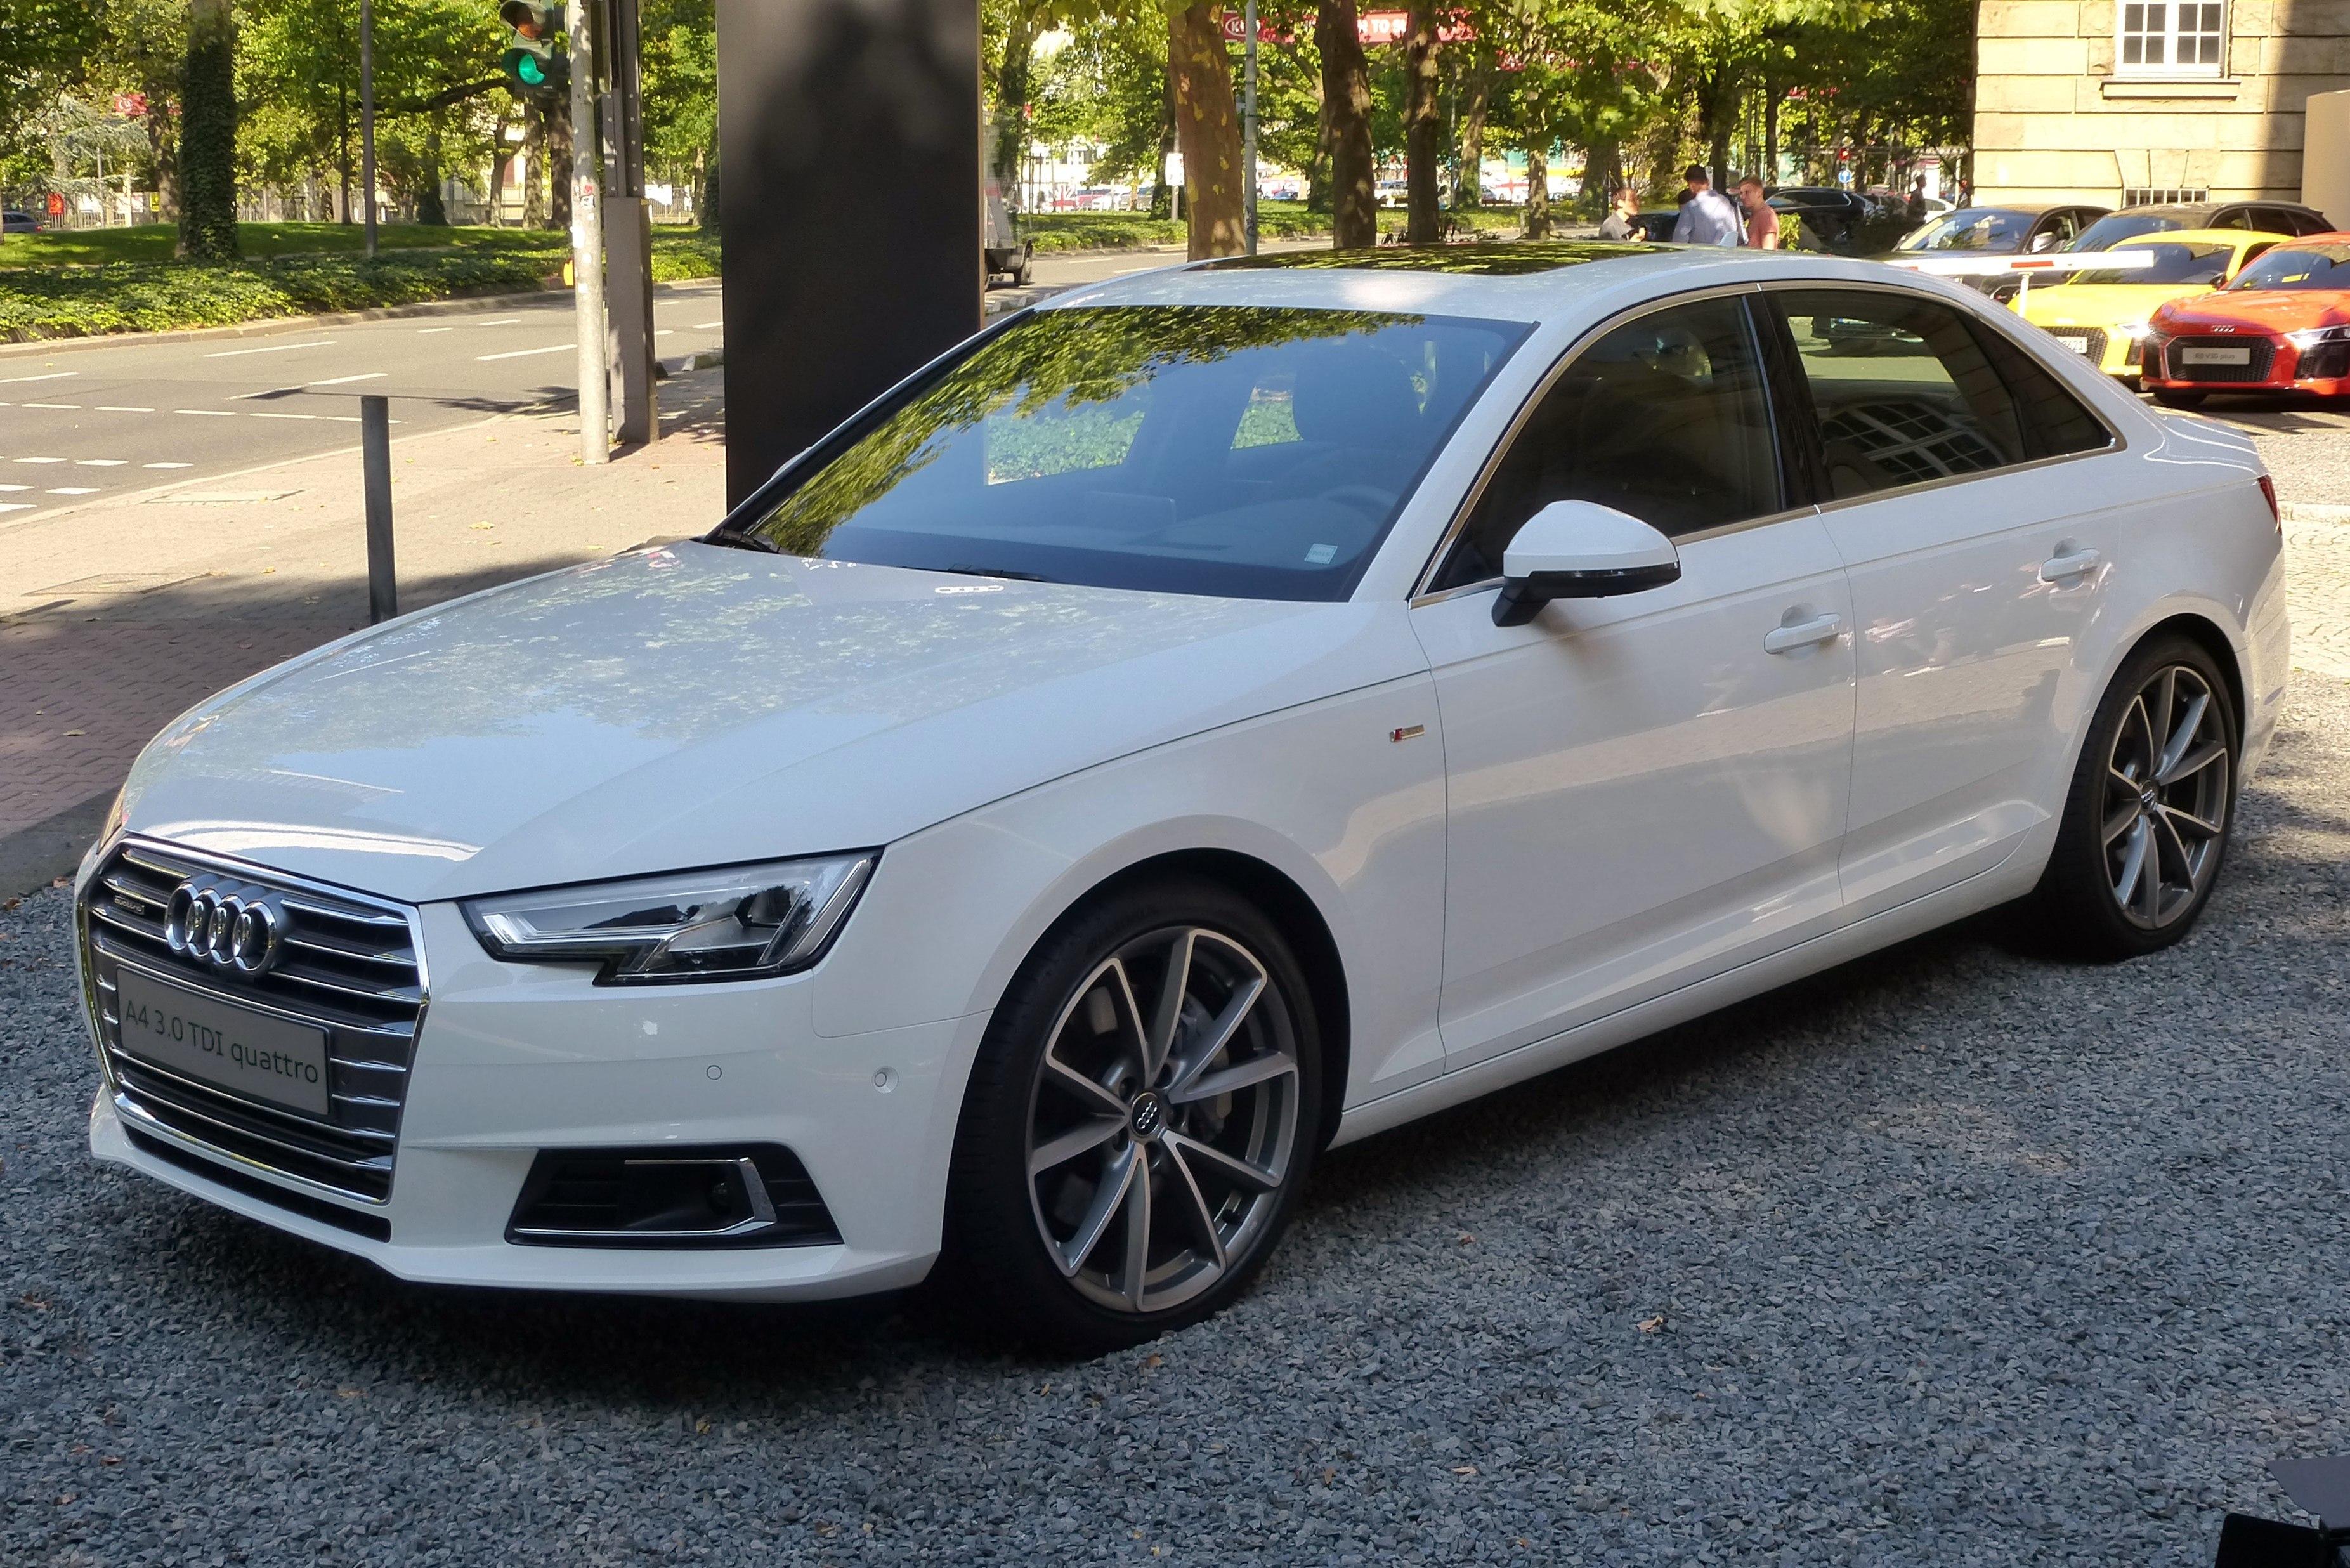 Audi A4 B9 Die vollständigen Informationen und line Verkauf mit